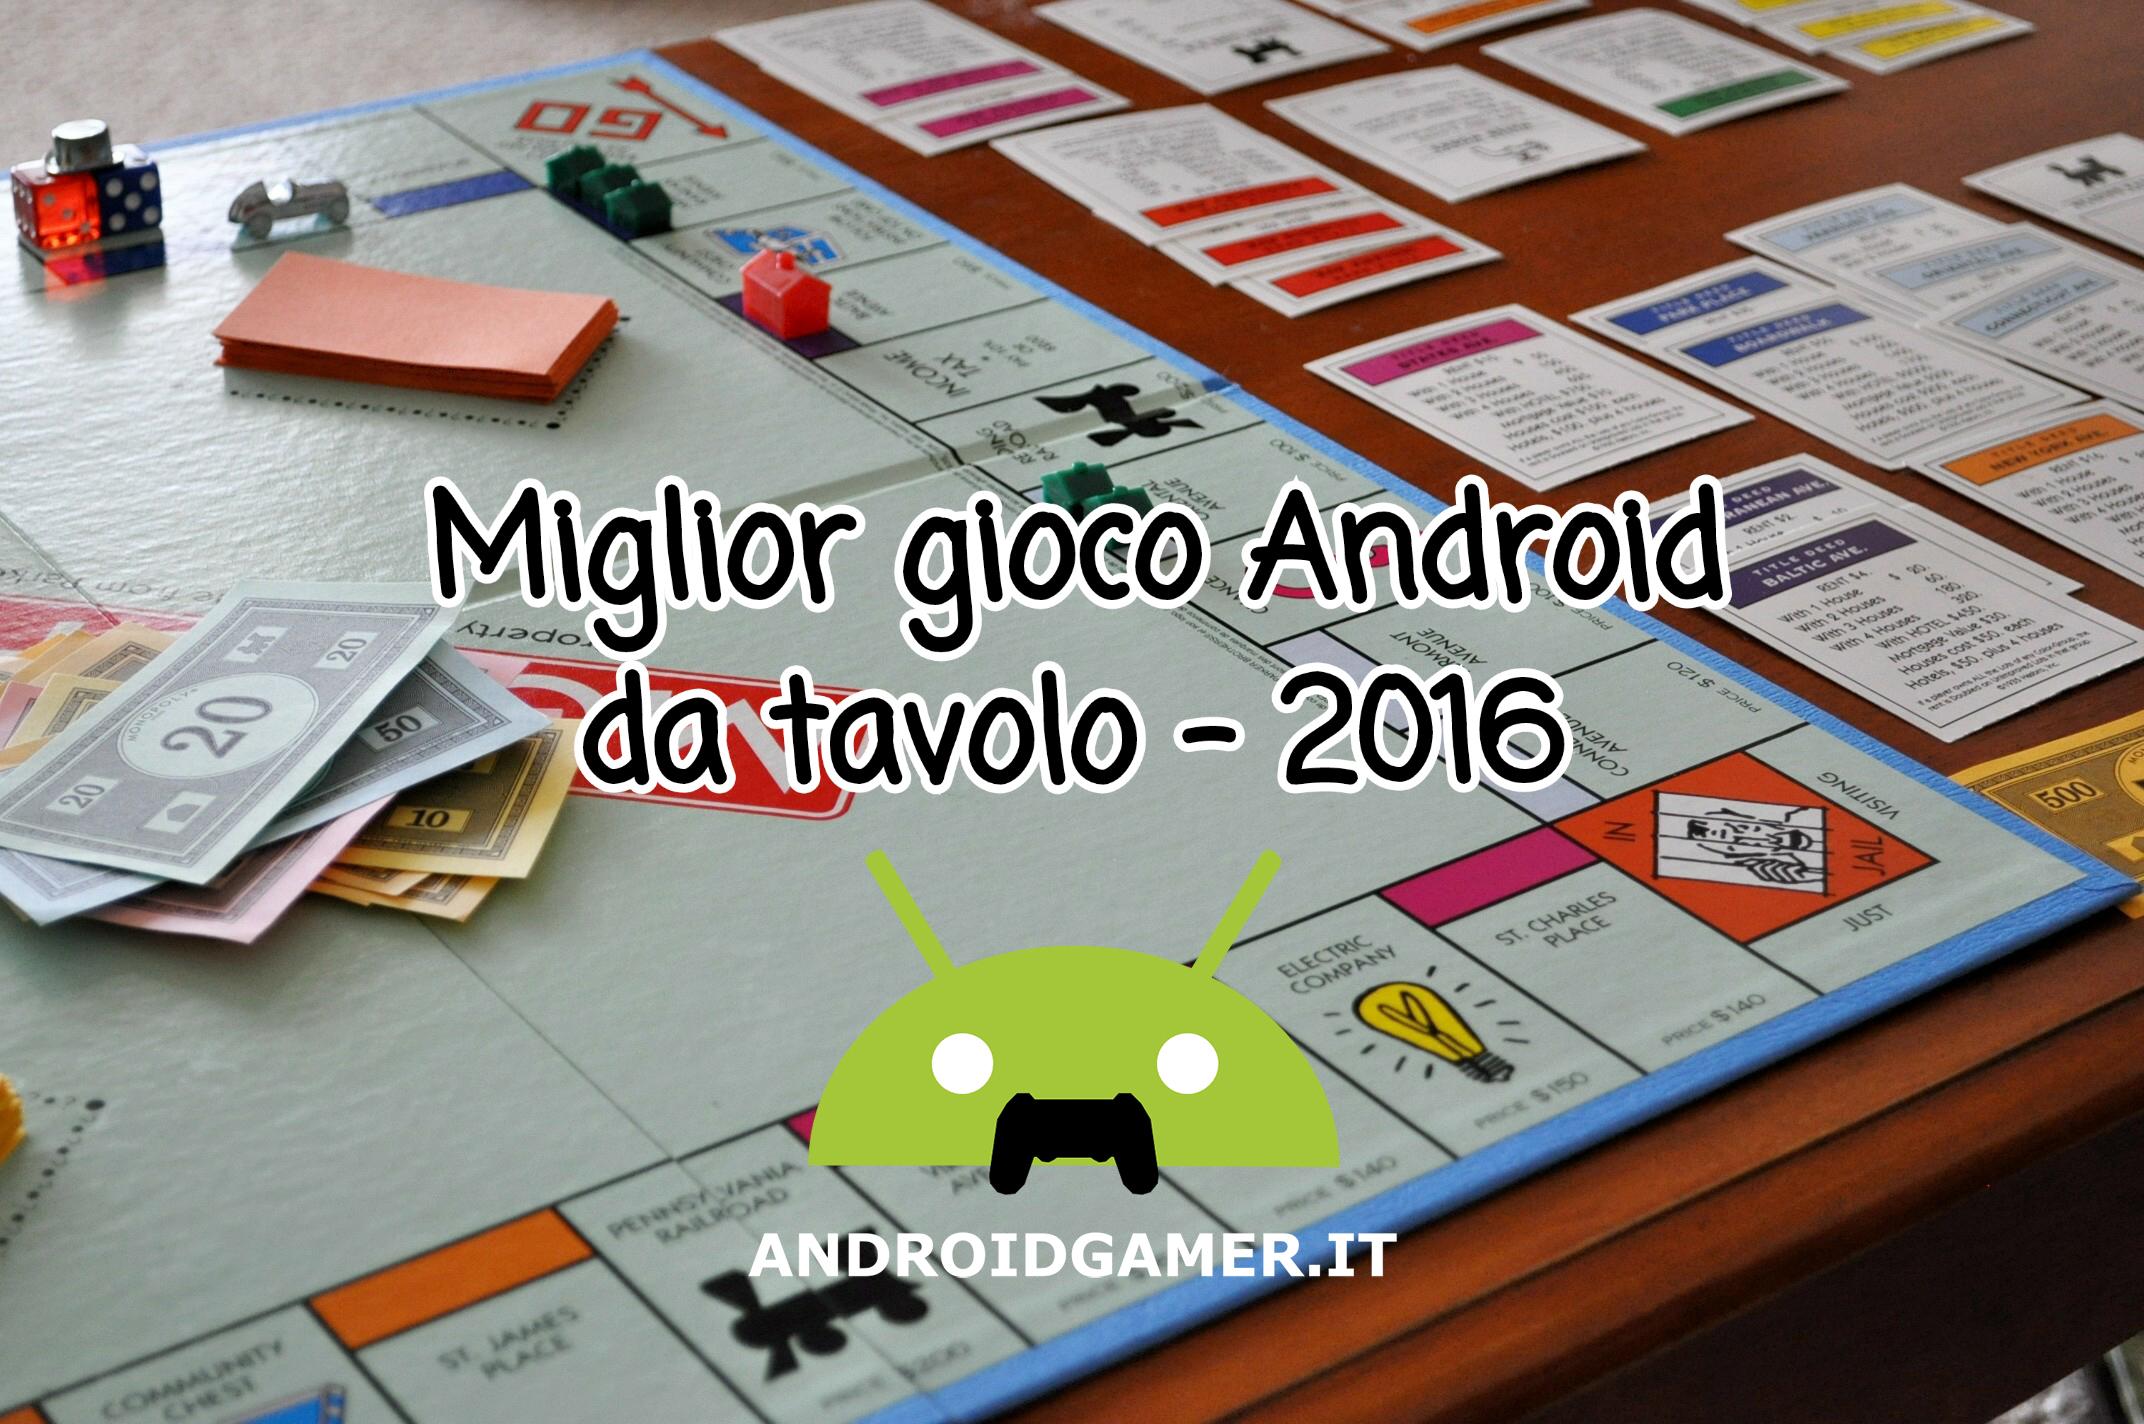 Miglior gioco android da tavolo 2016 - Miglior gioco da tavolo ...